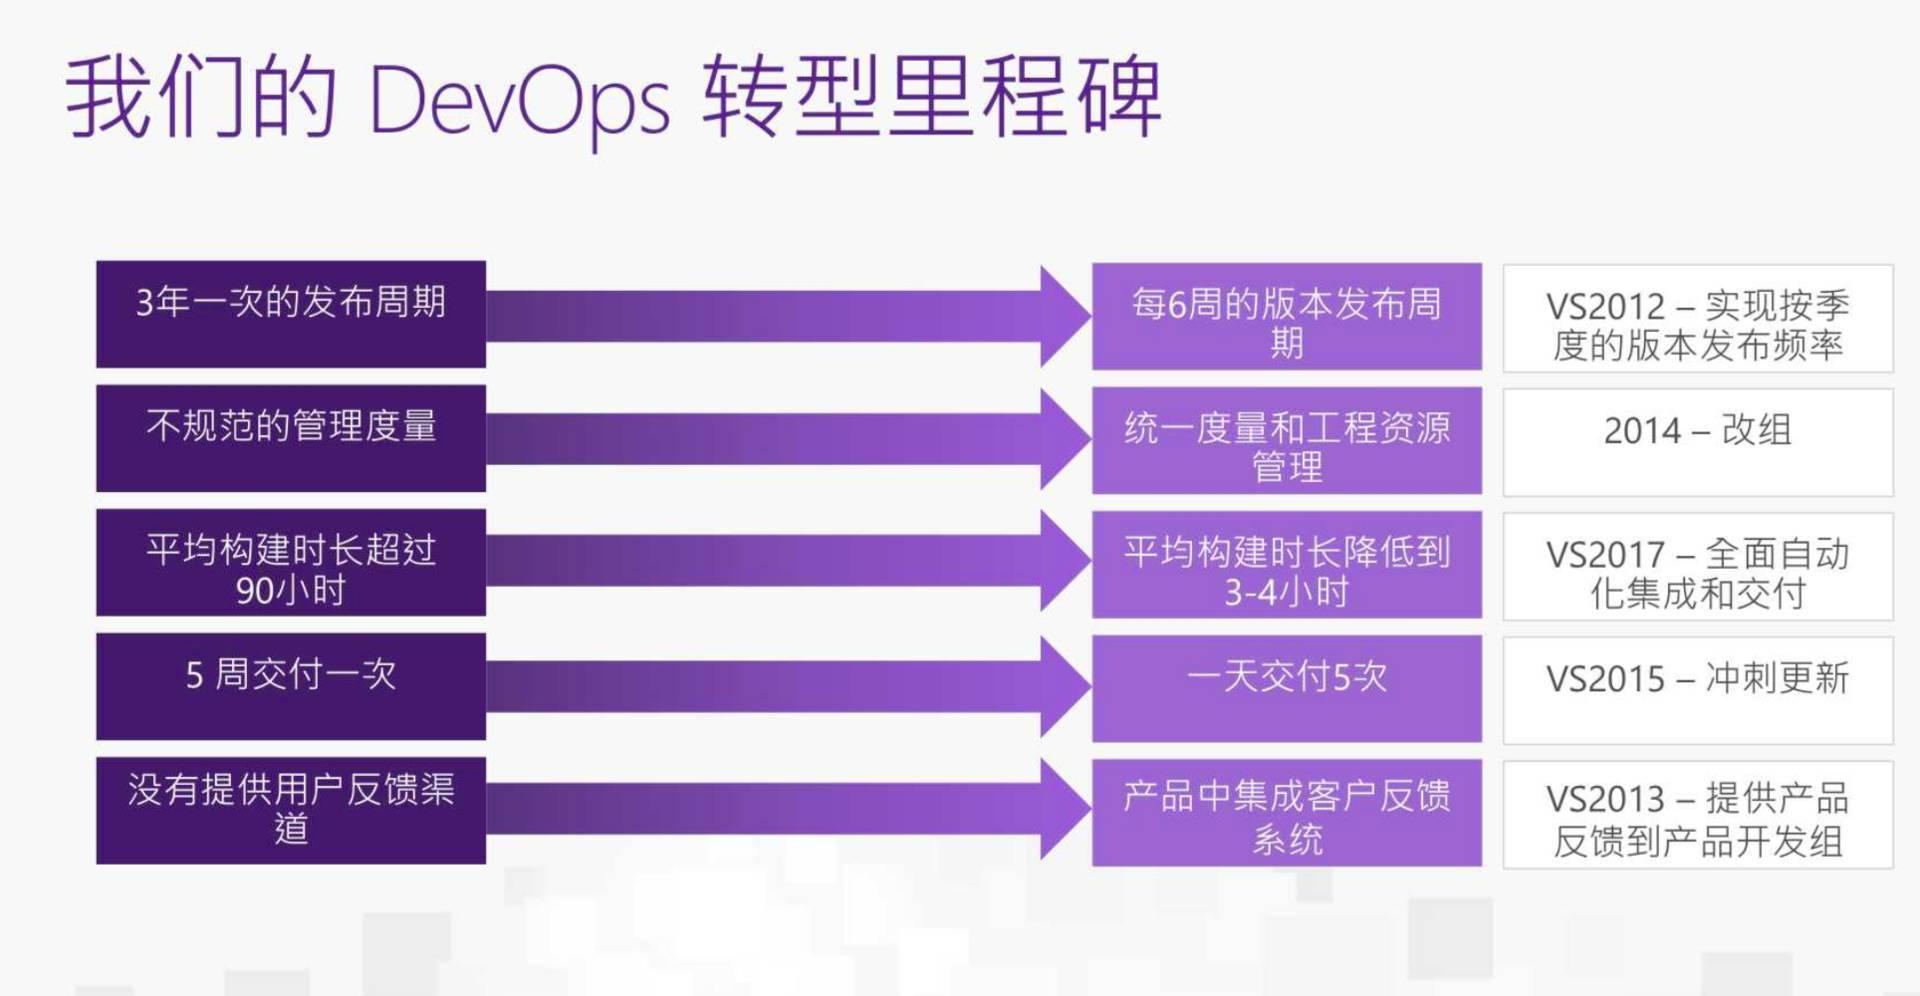 揭秘微软6万工程师DevOps成功转型的技术「武器」 1